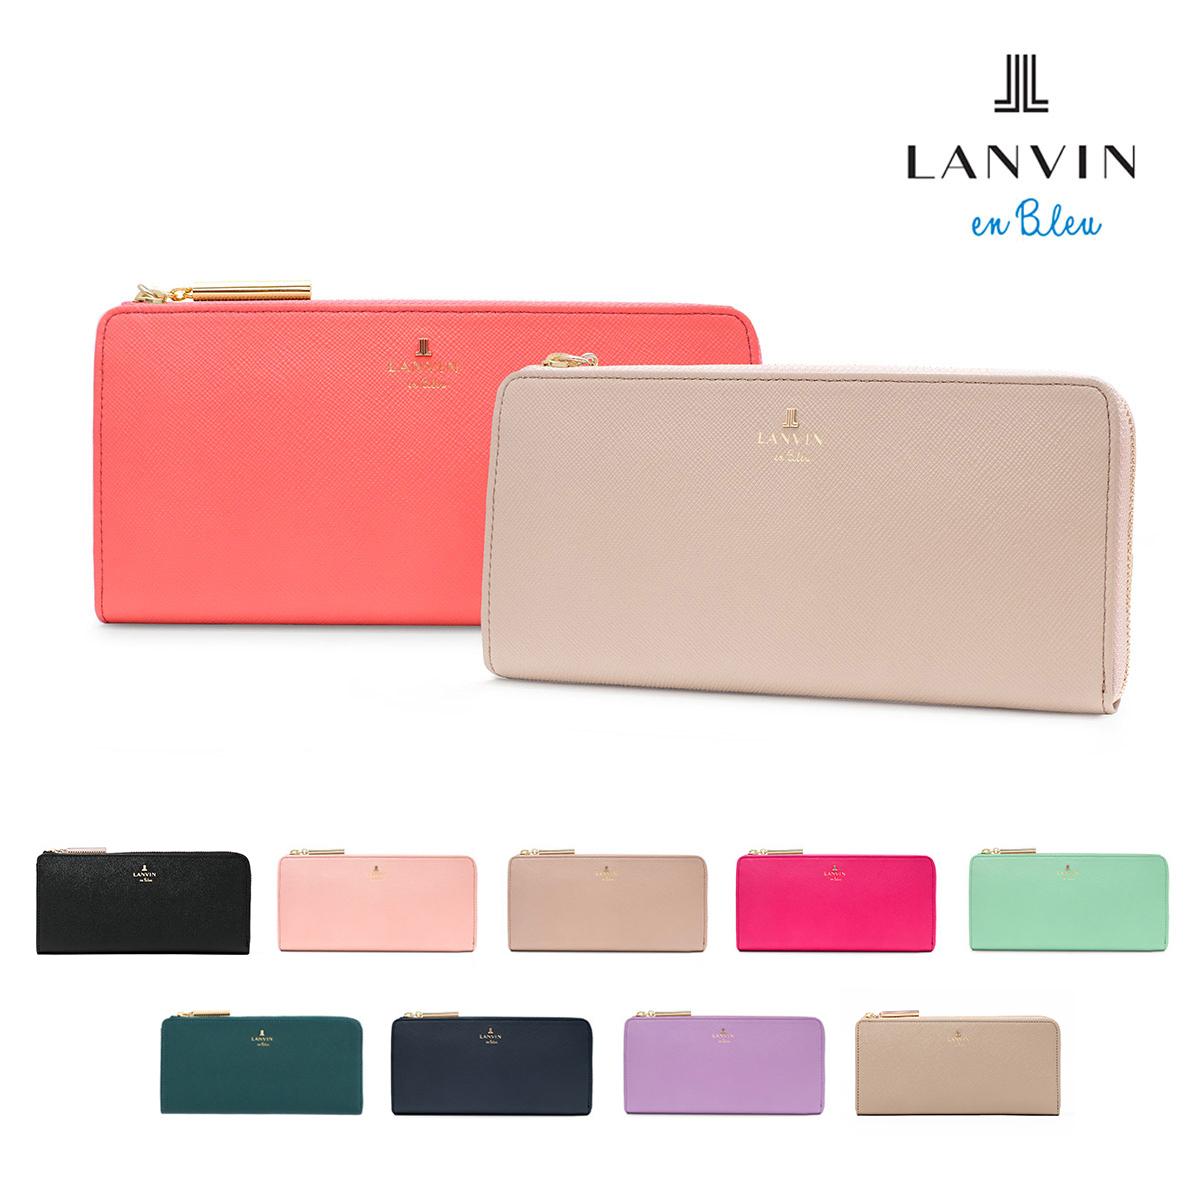 財布 ランバンオンブルー L字ファスナー (ブラック) LANVIN en Bleu 480922-10 婦人 黒系 レディース 長財布